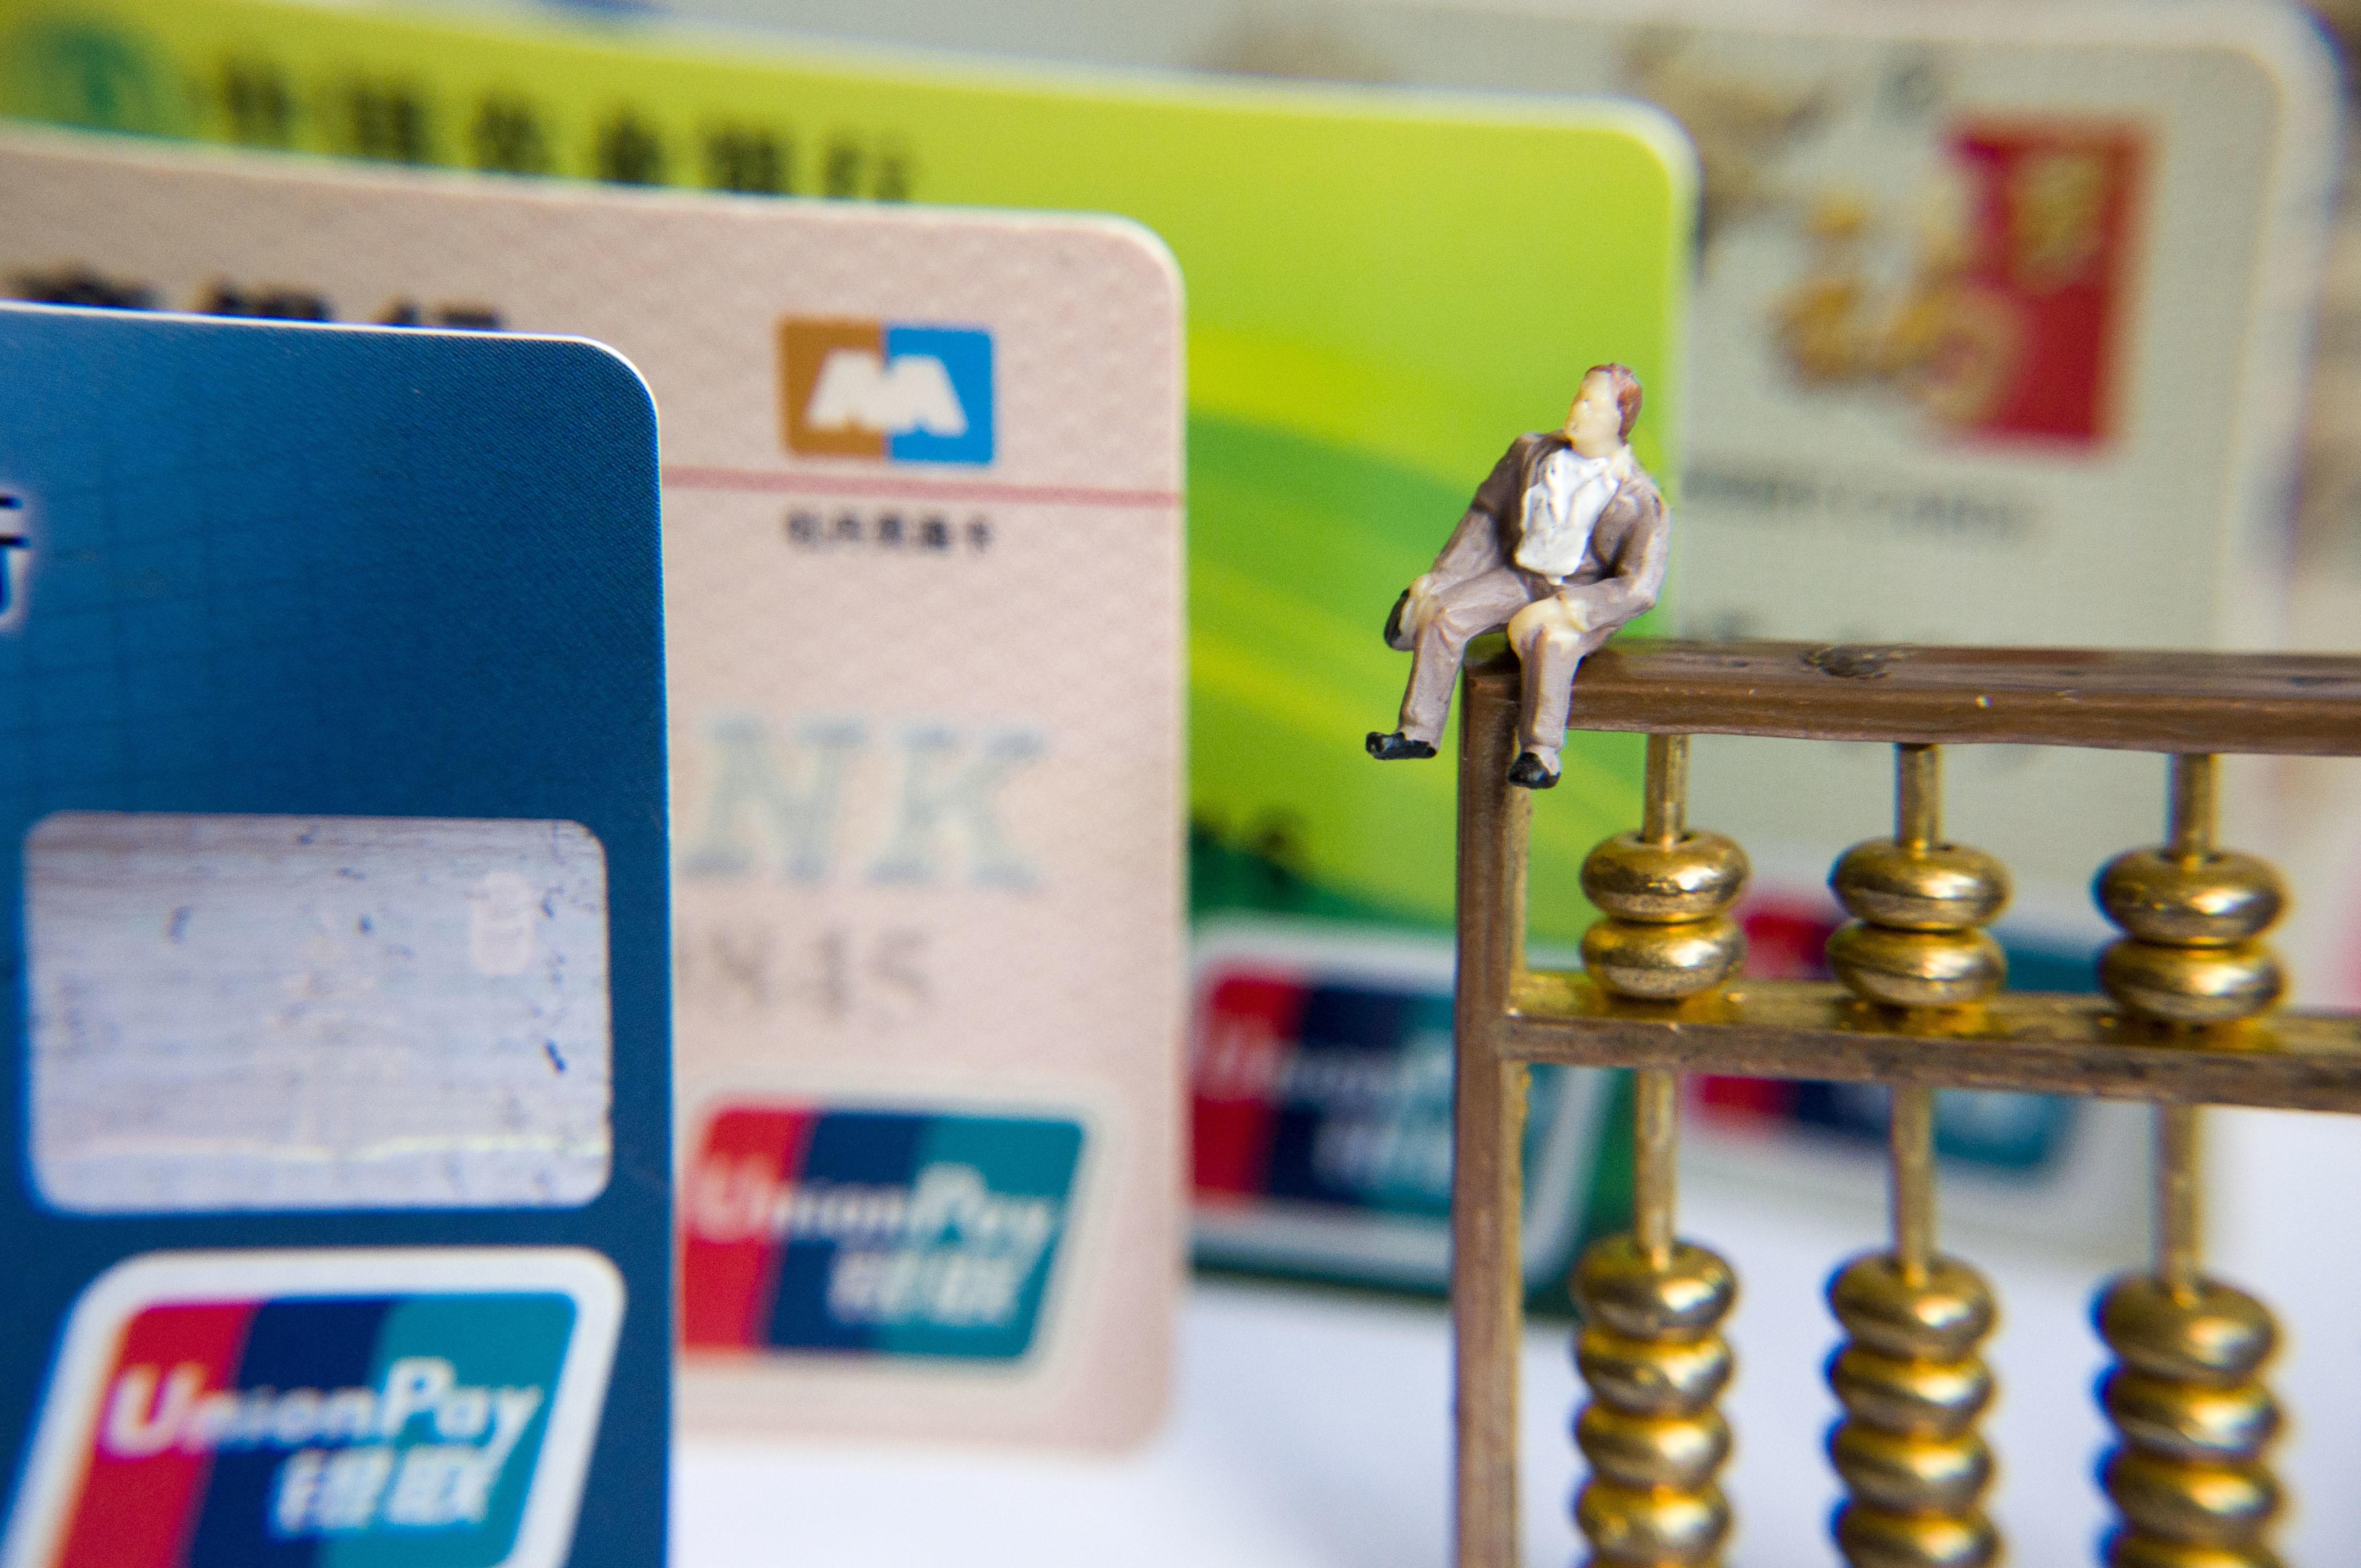 持有信用卡者一定不能做的3件事,已经有人入坑!